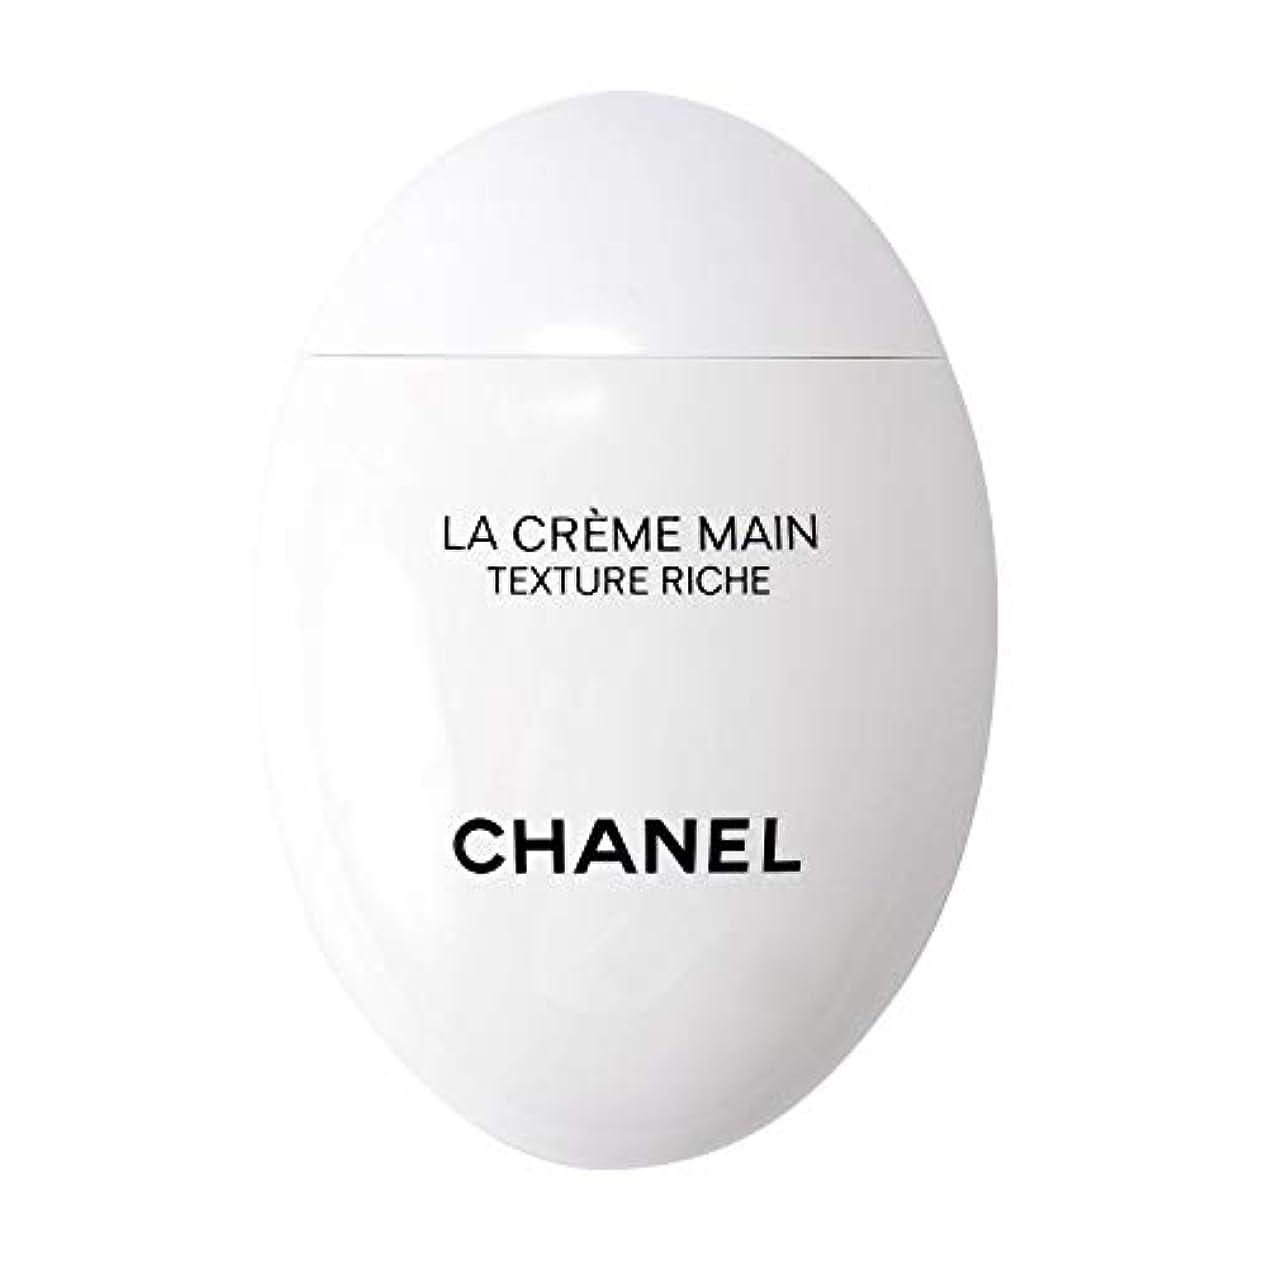 トムオードリース避けられないバンケット[ギフトラッピング] シャネル CHANEL ハンドクリーム 50ml ラ クレーム マン ショップバッグ付き (50ml)